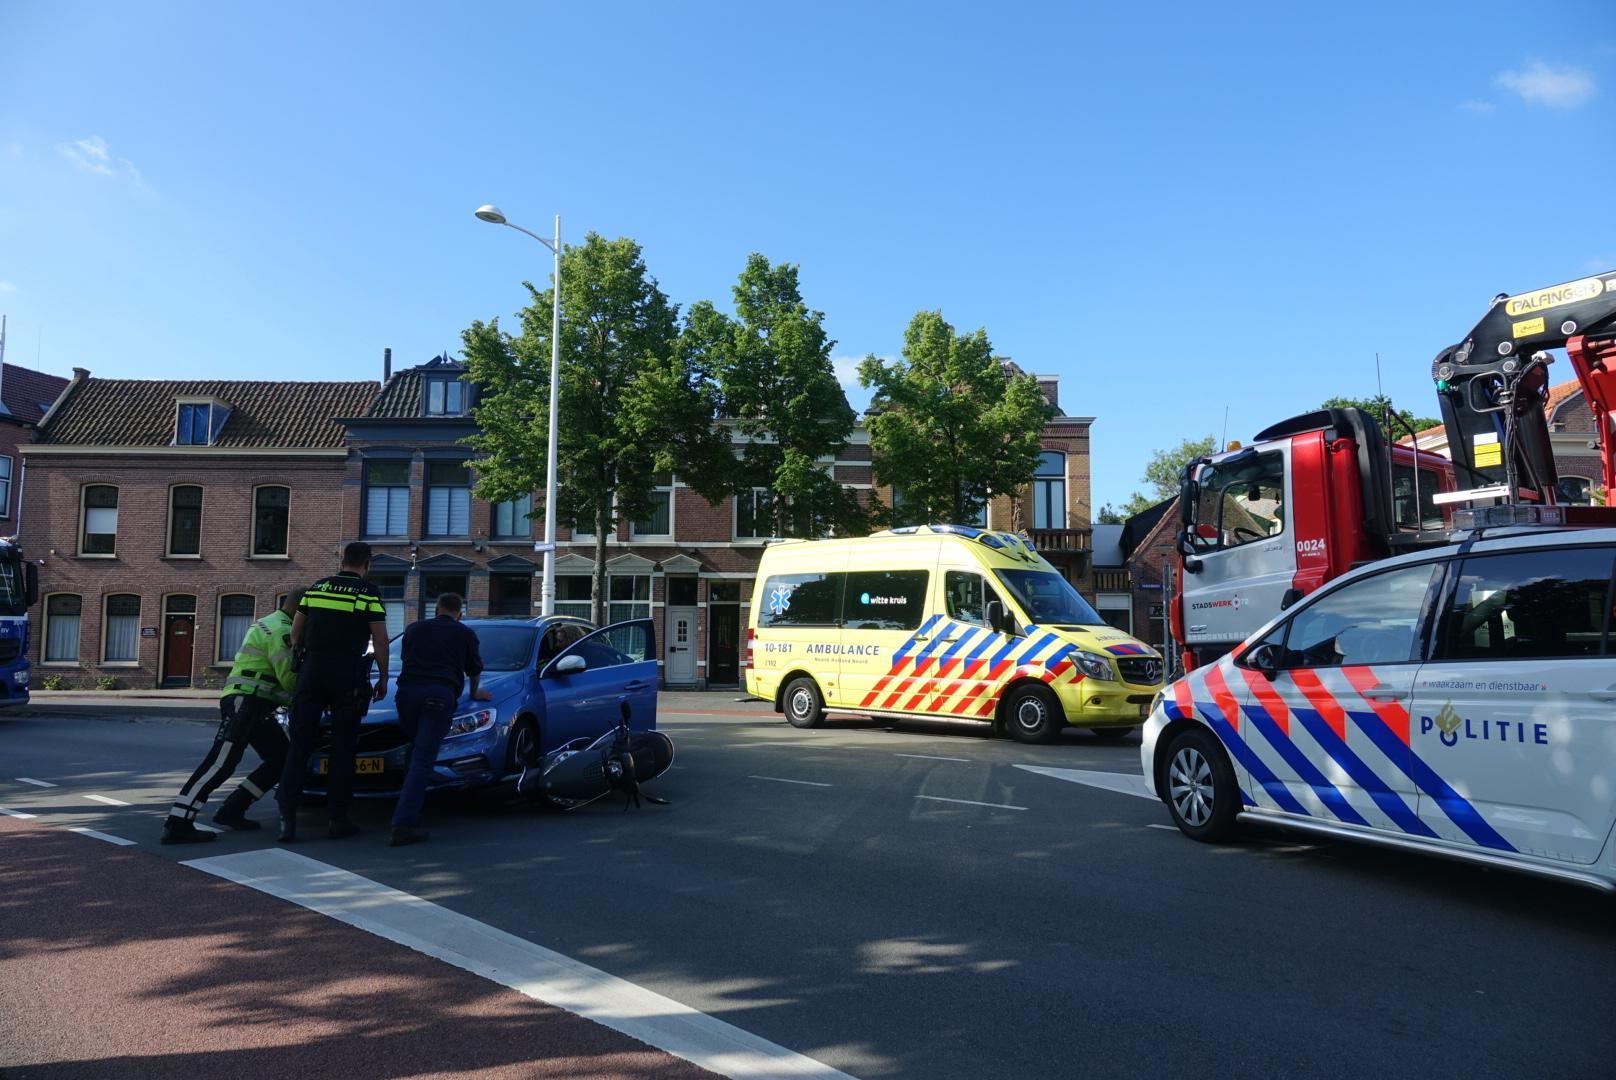 Scooterbestuurder gewond bij aanrijding in Alkmaar